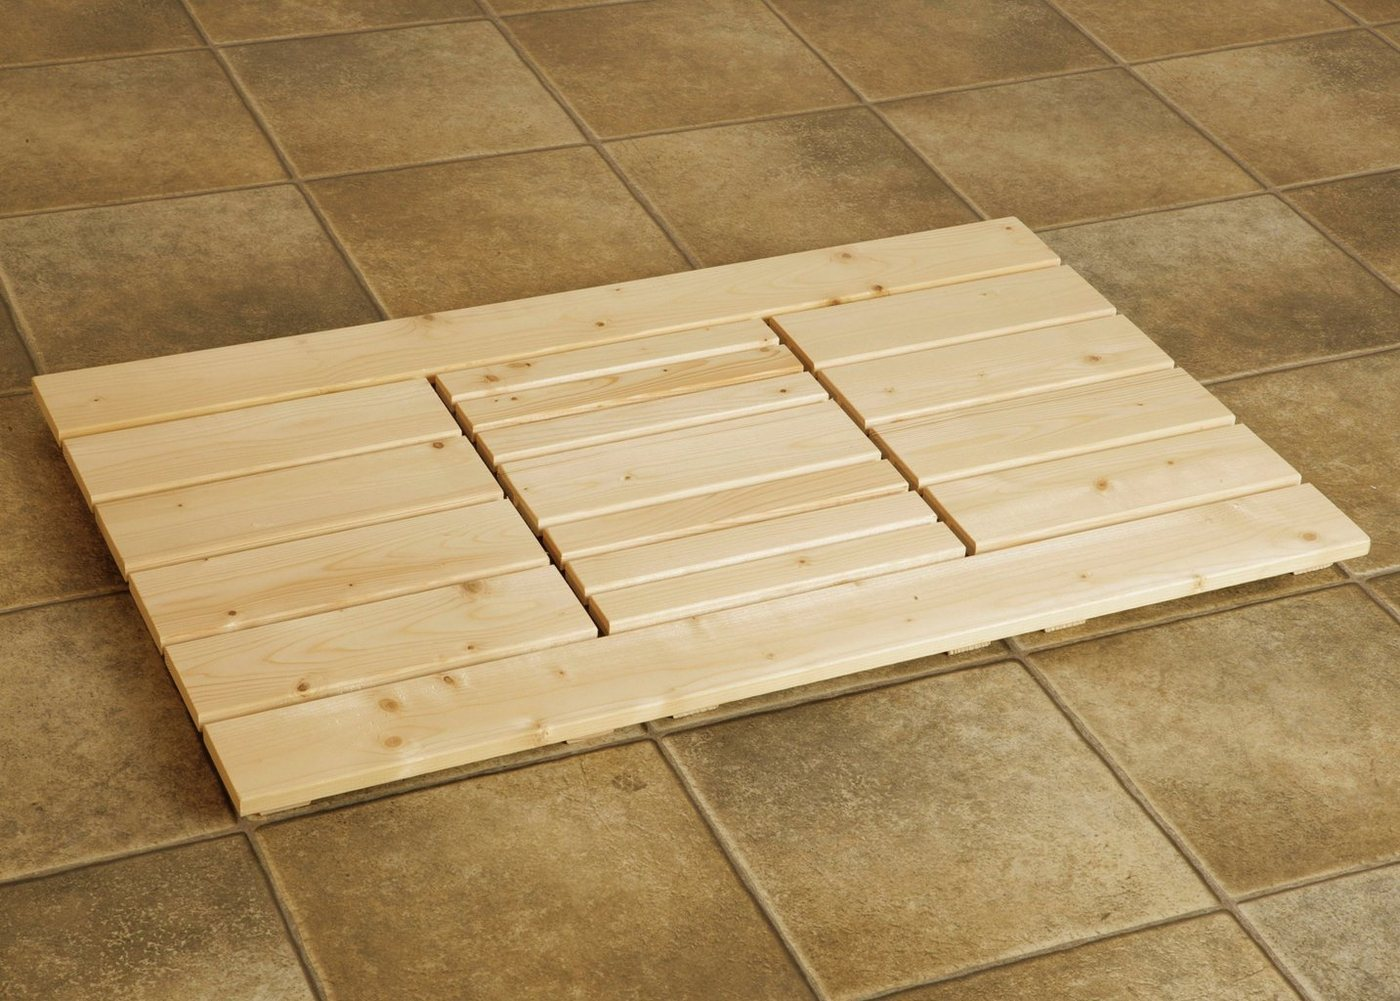 WEKA Saunabodenrost , BxL: 62x105 cm | Bad > Sauna & Zubehör > Sauna-Zubehör | weka